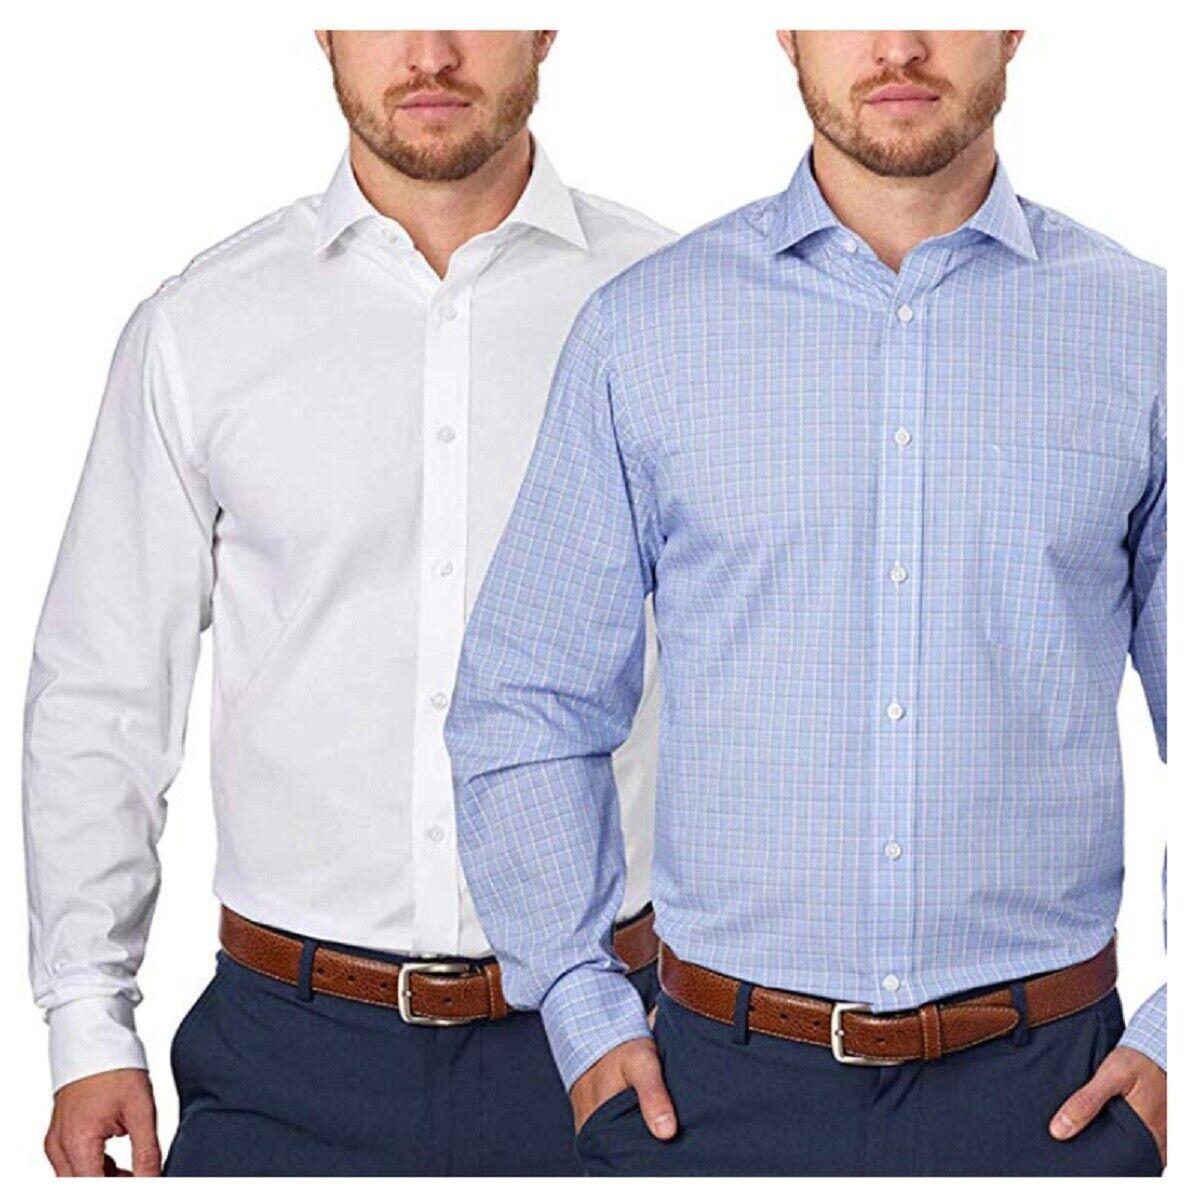 Tommy Hilfiger Men's Regular Fit Long Sleeve Dress Shirt, 2